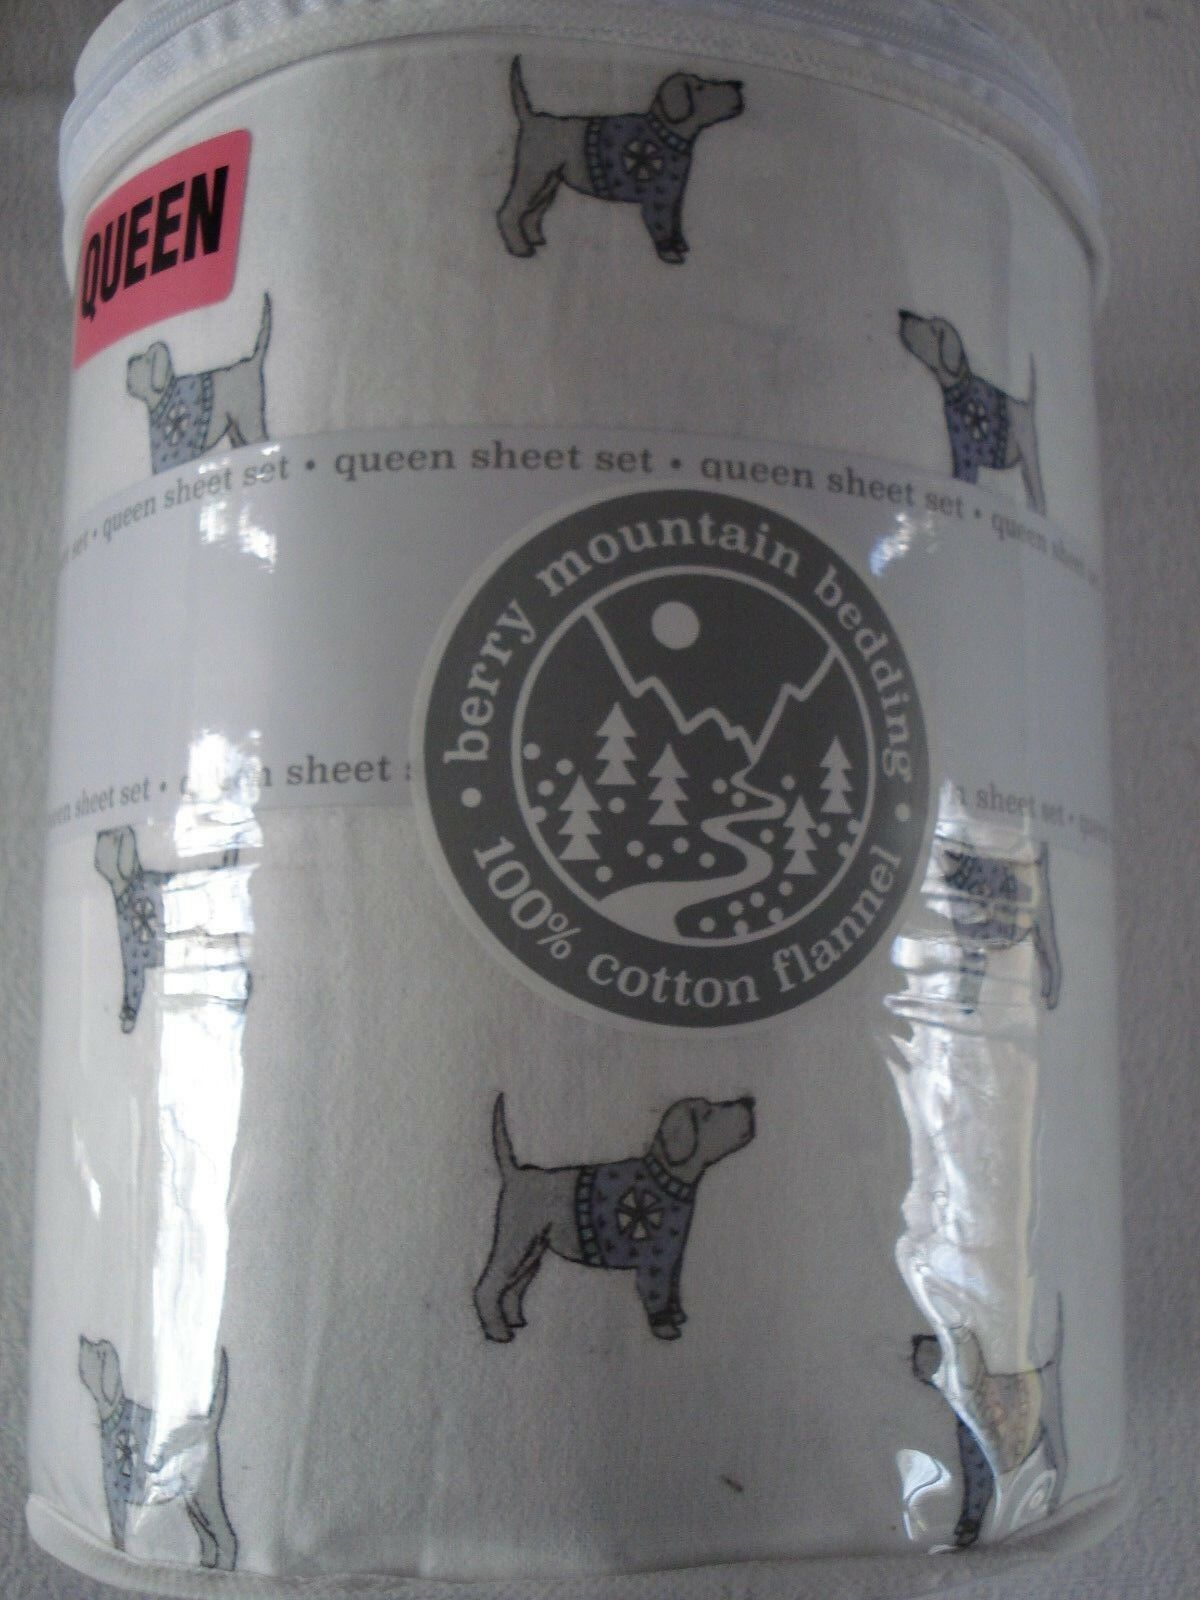 Berry mountain bedding    QUEEN 100% Cotton Flannel Sheet Set - Labrador Retriever f83800